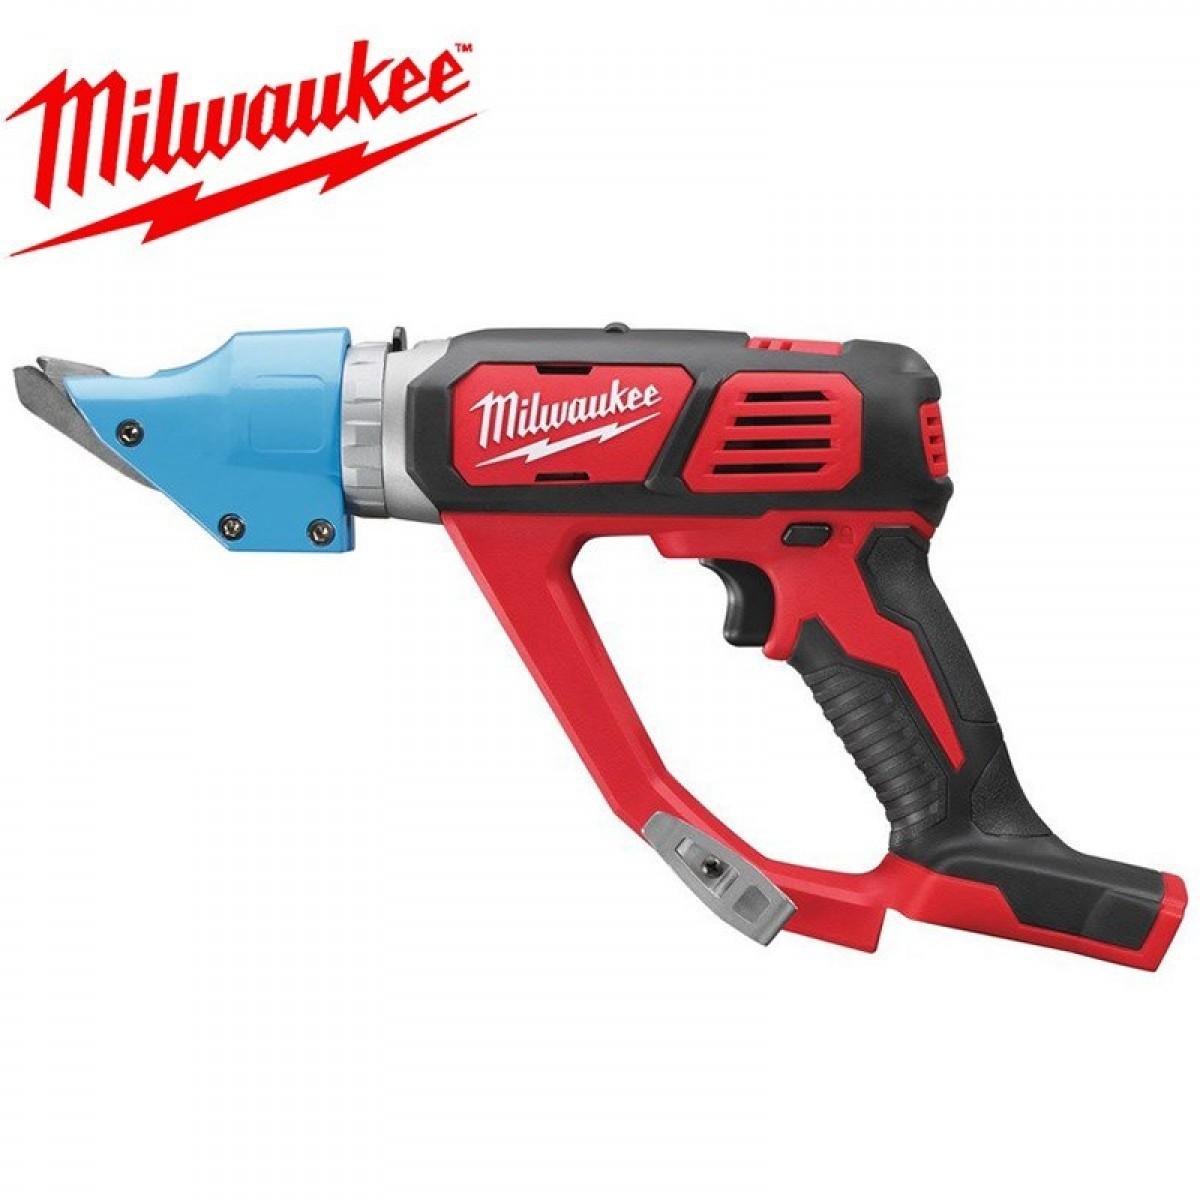 Milwaukee米沃奇 M18 BMS20-501C 18V充电式电剪刀带剪机